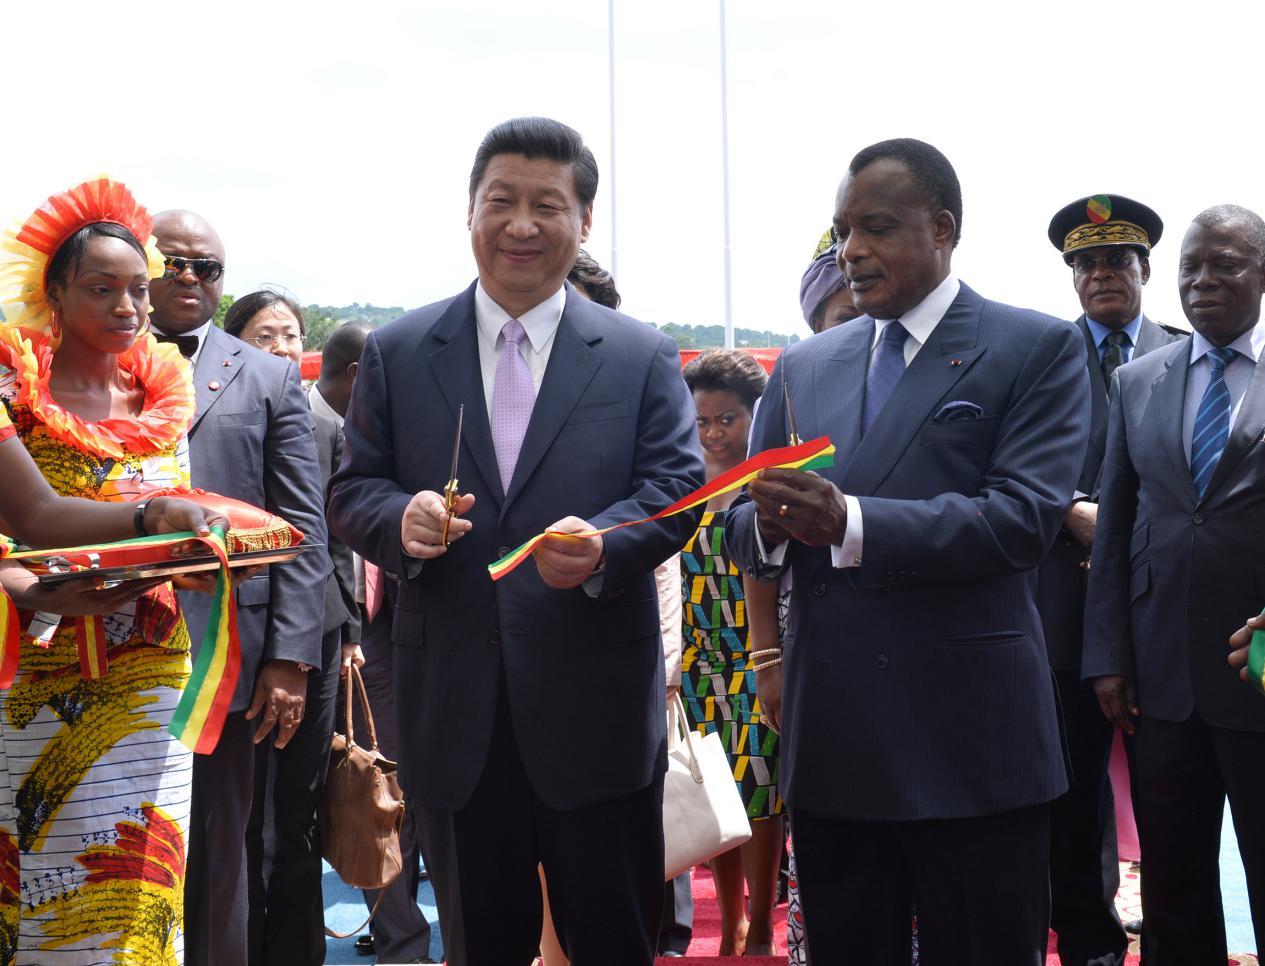 2013年3月30日,习近平同刚果共和国总统萨苏在布拉柴维尔出席中刚友好医院竣工剪彩仪式。